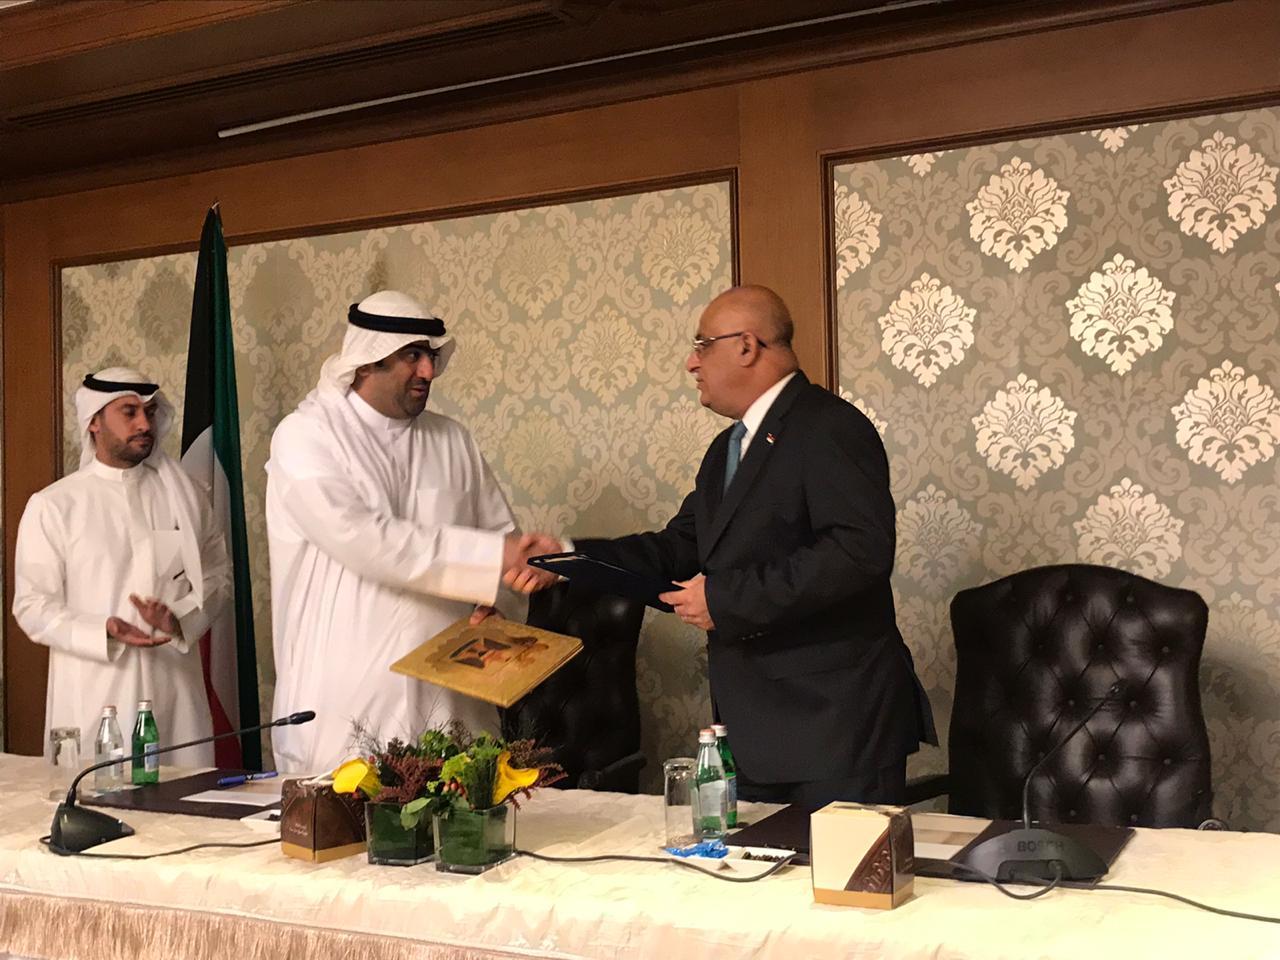 العراق والكويت يوقعان محضر للتعاون المشترك في ختام أجتماعات اللجنة المشتركة بين البلدين .